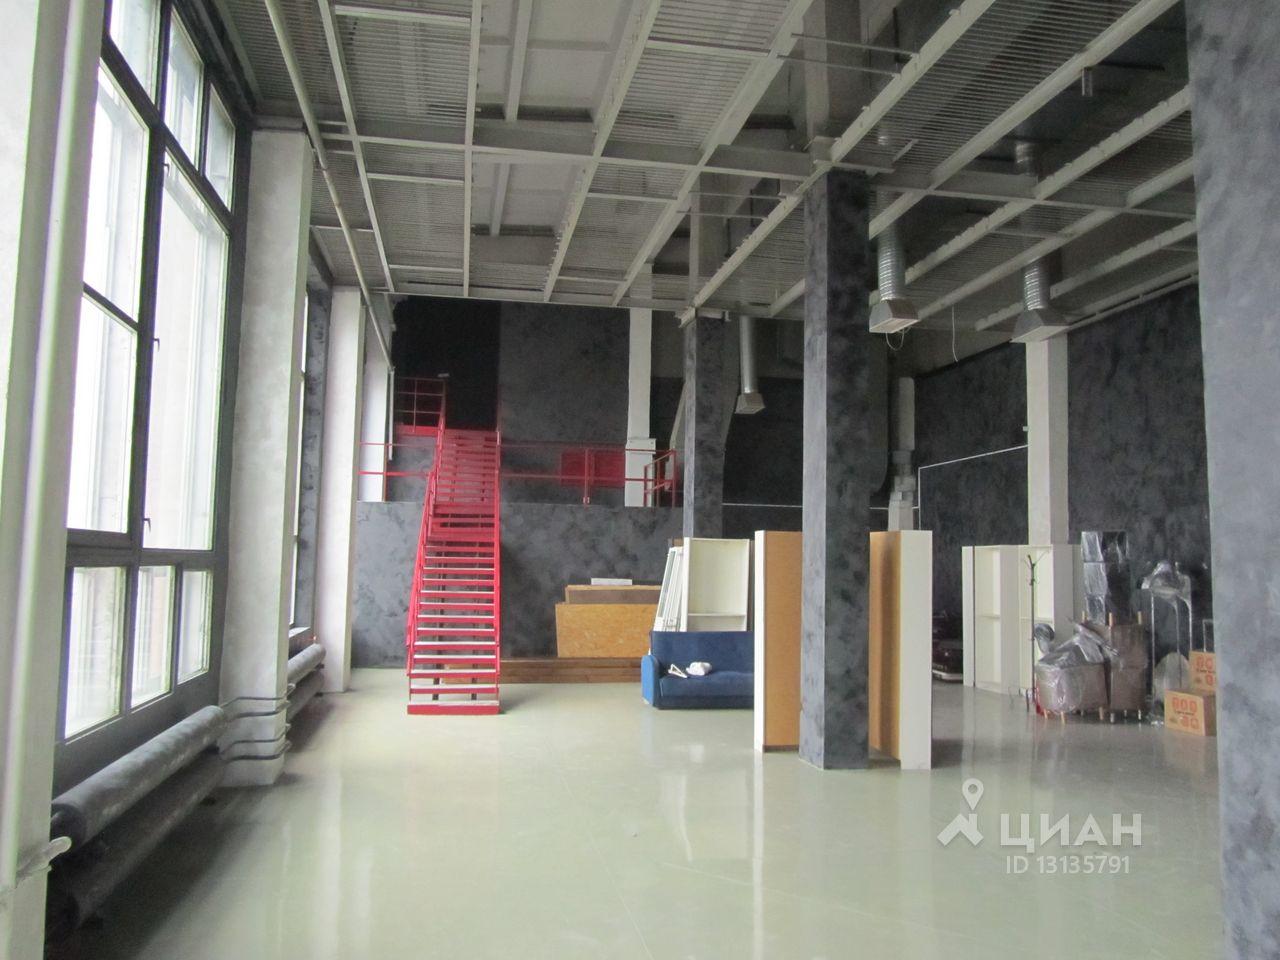 Аренда офиса 15 кв Электрозаводская улица поиск Коммерческой недвижимости Амундсена улица